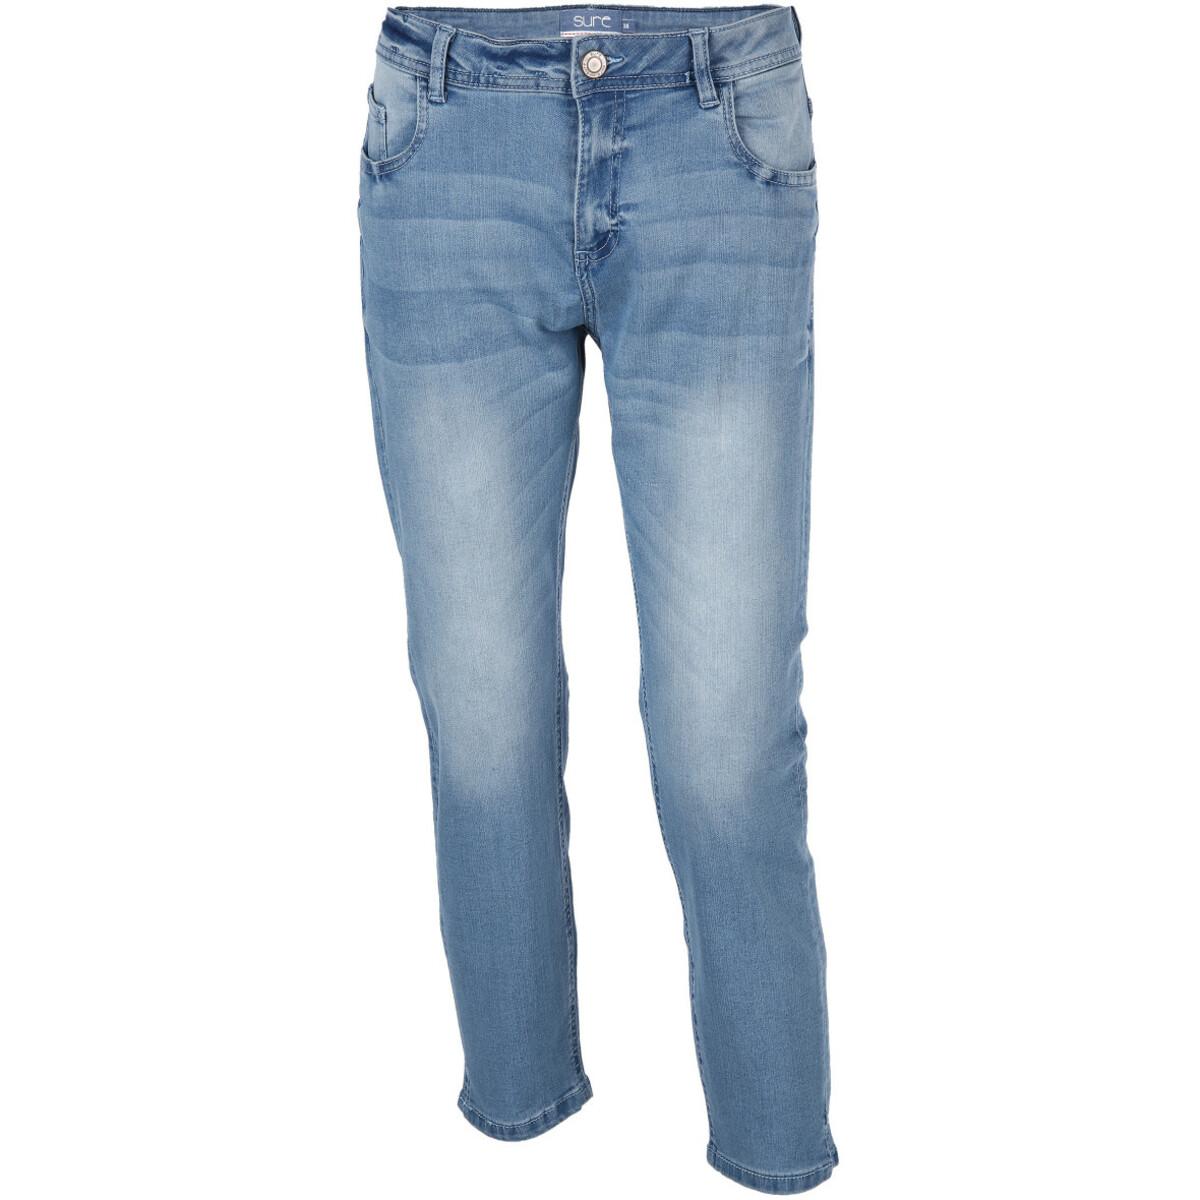 """Bild 1 von Damen Jeans """"Slim Fit"""" Hanna"""